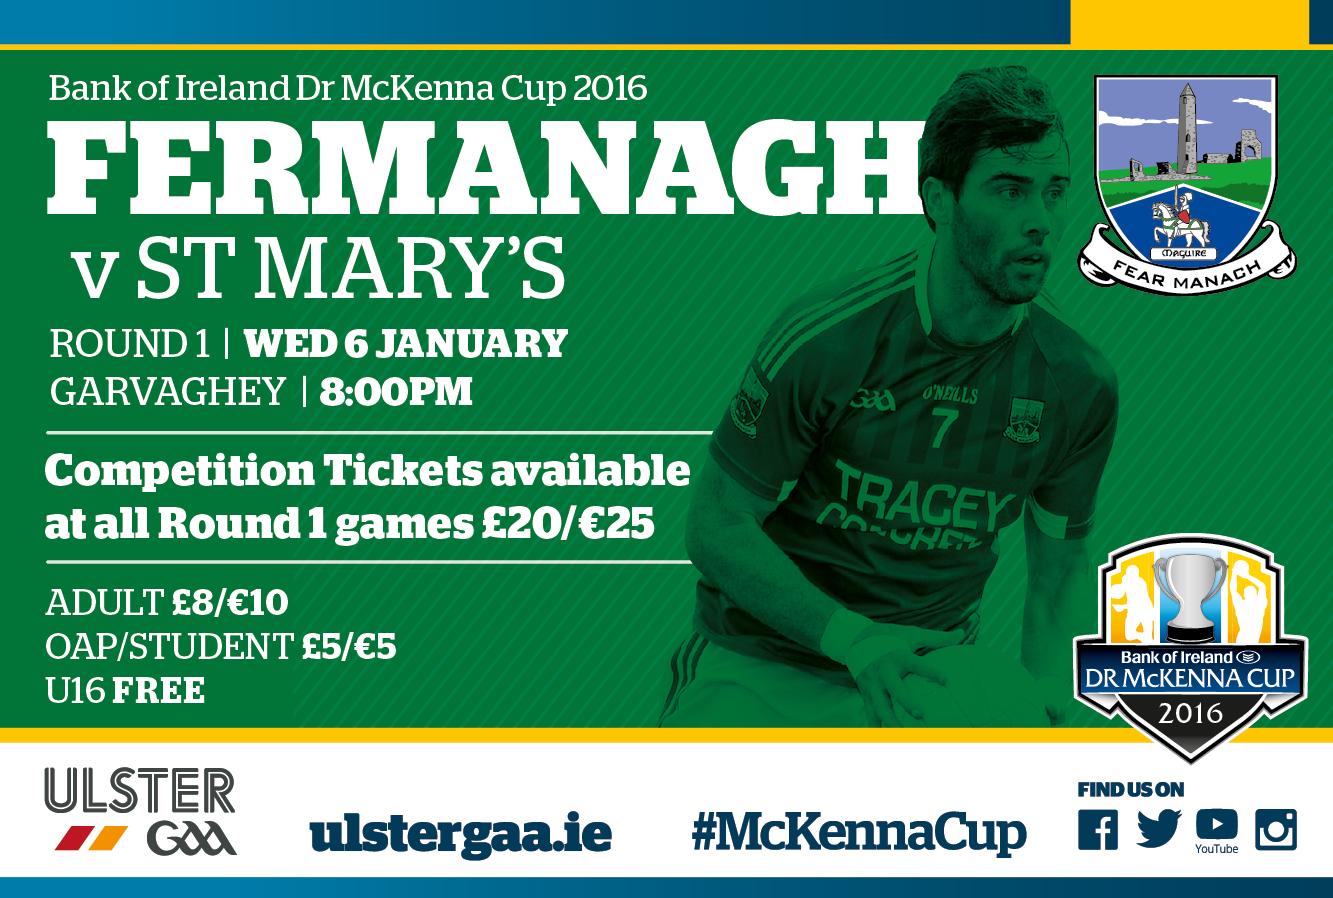 Dr McKenna Cup Round 1 v St Marys at Garvaghey